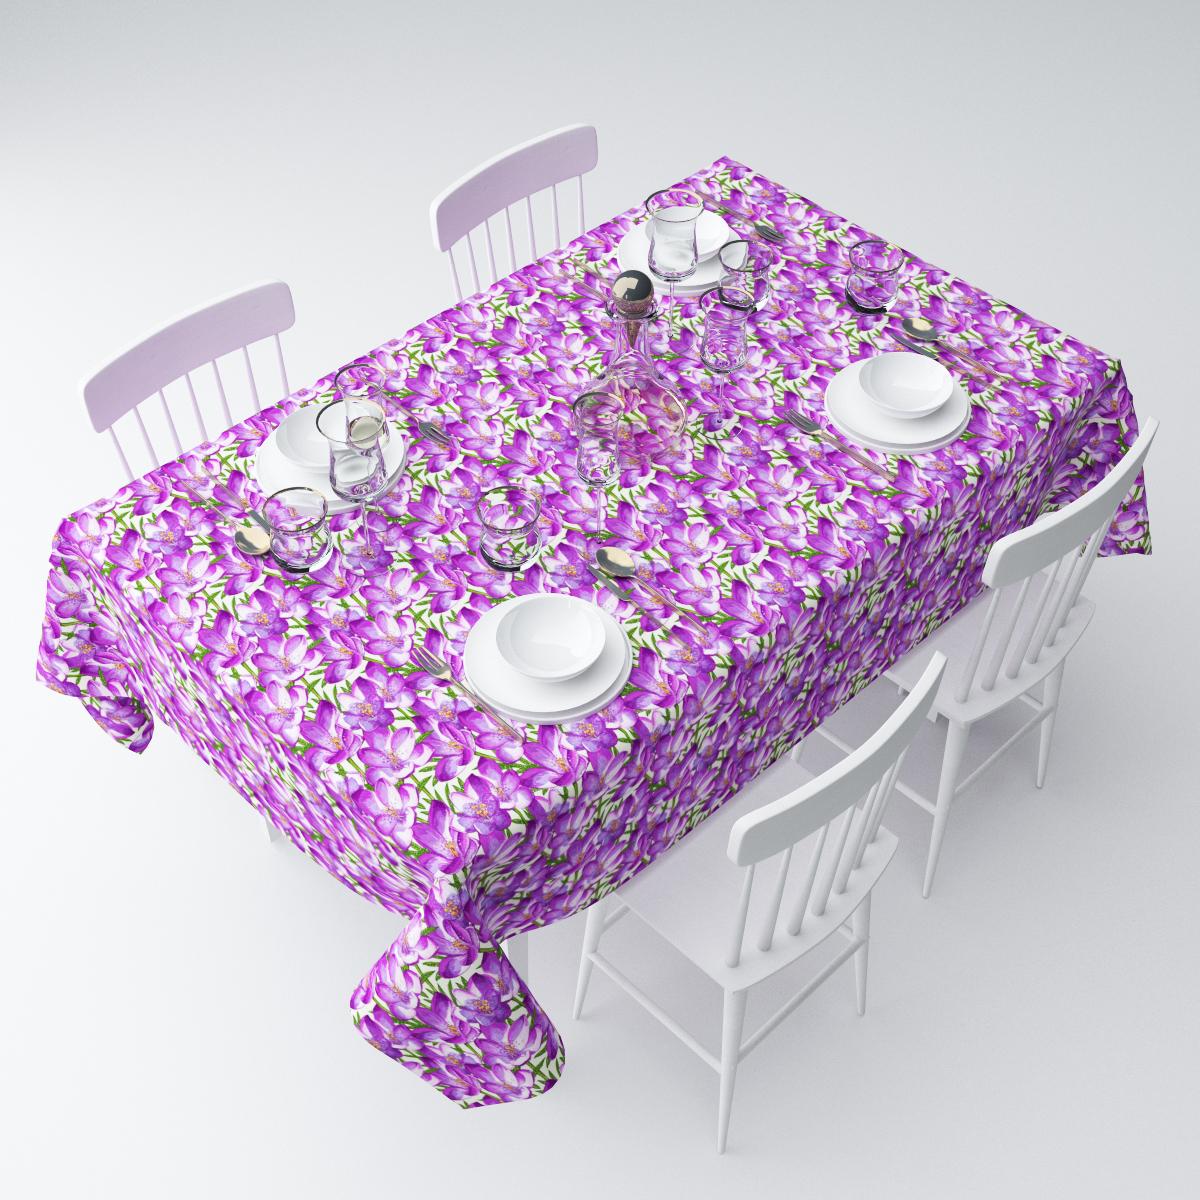 Скатерть Сирень Фиолетовый шафран, прямоугольная, 145 х 220 смСКГБ004-01802Прямоугольная скатерть Сирень Фиолетовый шафран, выполненная изгабардина с ярким рисунком, преобразит вашу кухню, визуальнорасширит пространство, создаст атмосферу радости и комфорта.Рекомендации по уходу: стирка при 30 градусах, гладить при температуре до 110градусов. Размер скатерти: 145 х 220 см.Изображение может немного отличаться от реального.